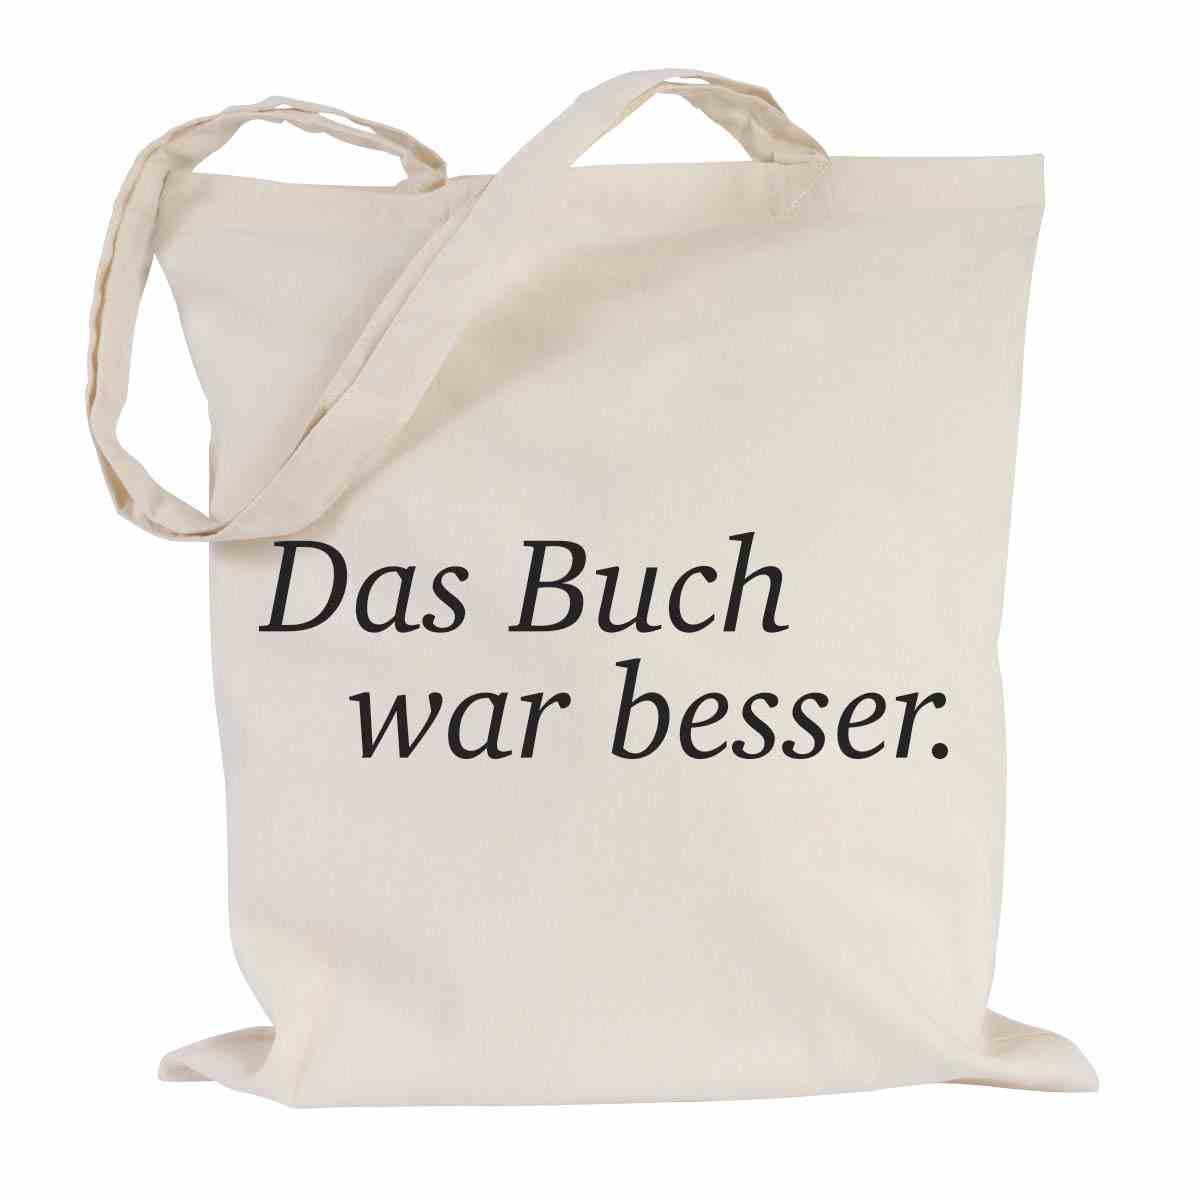 www.buecher-pfoten.de-Juniwords_Jutebeutel-Das_Buch_war_besser